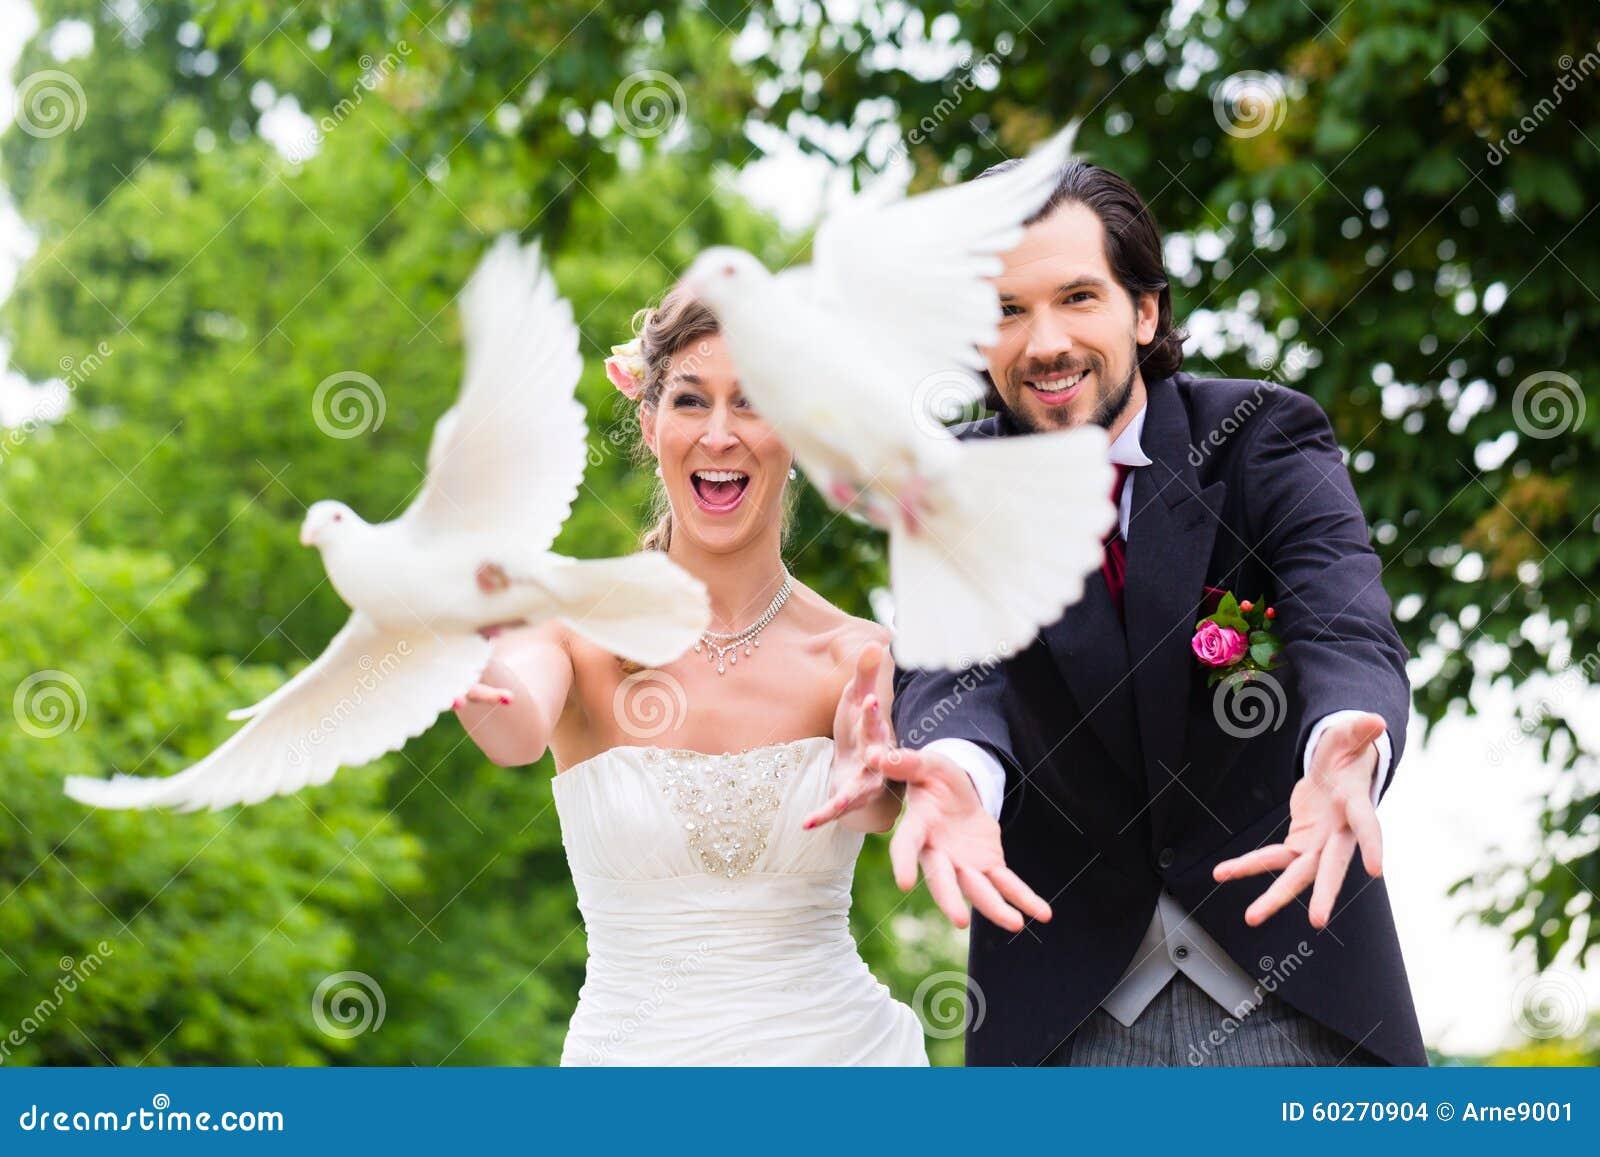 Brautpaare Mit Fliegenden Weißen Tauben An Der Hochzeit Stockfoto ...